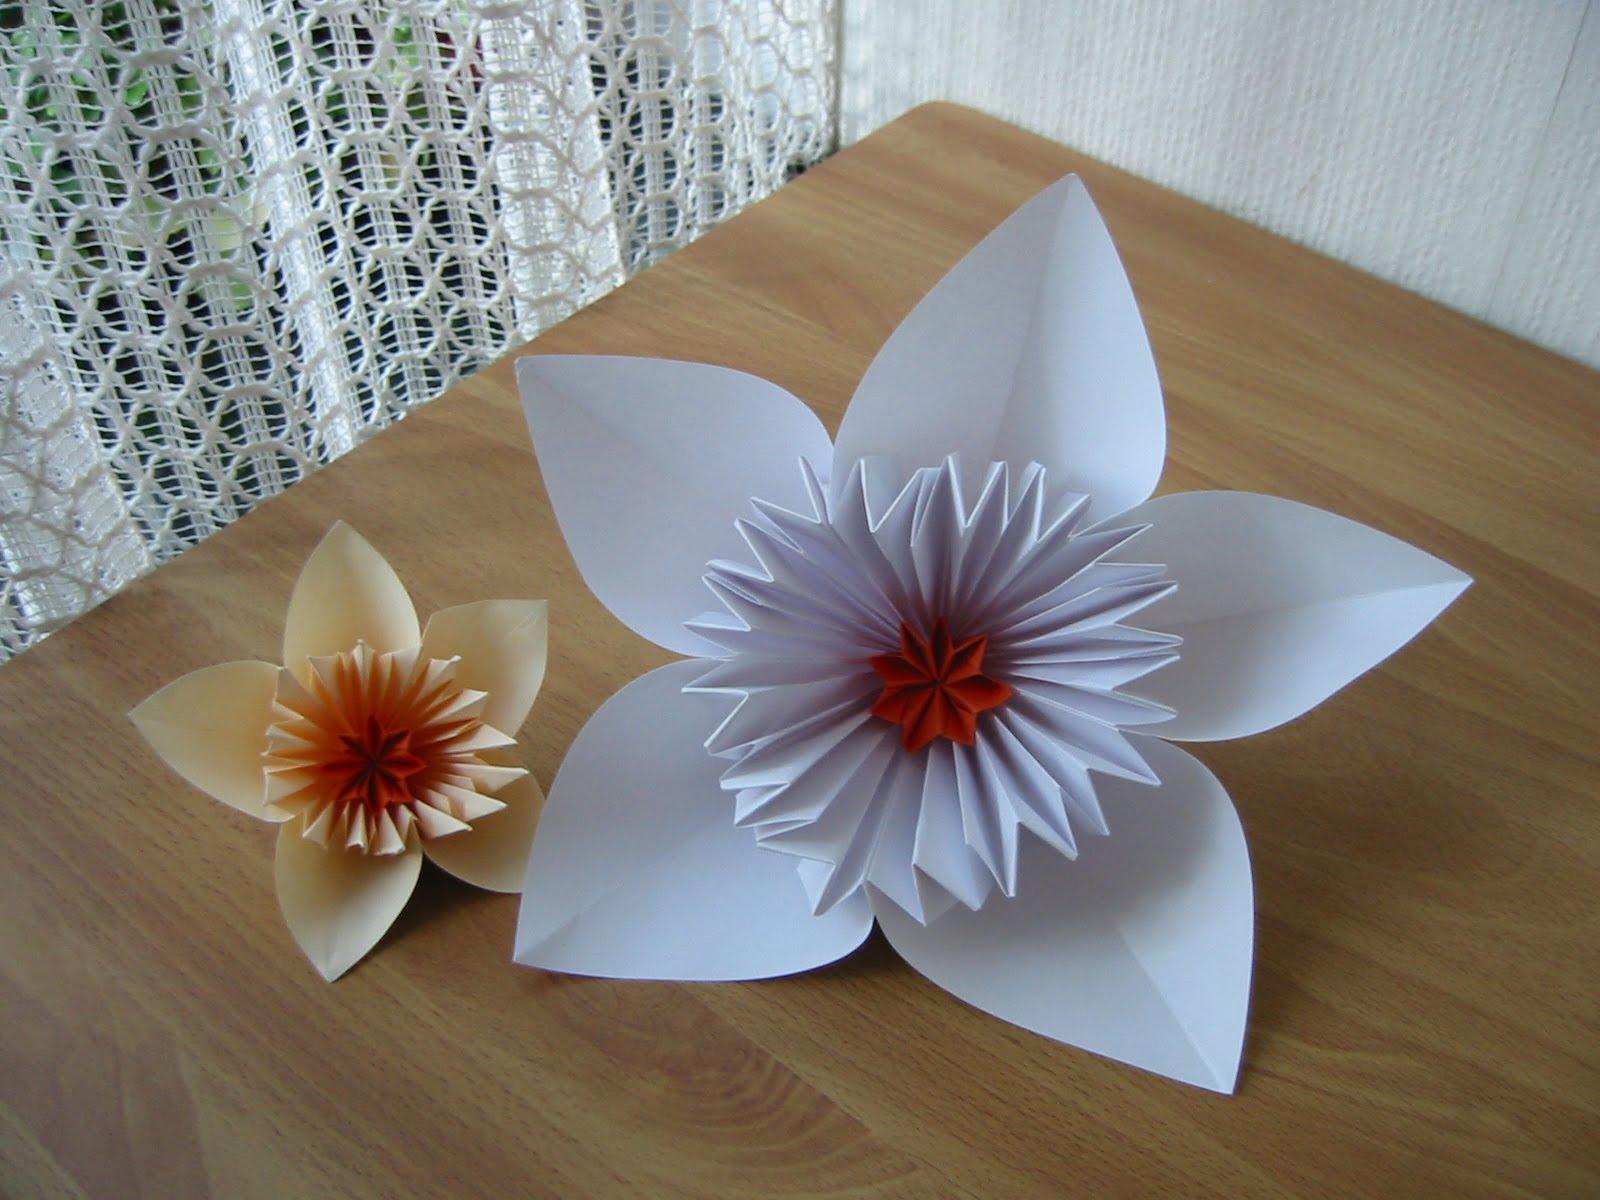 Megapost papiroflexia u origami info tutoriales - Papiroflexia paso a paso ...